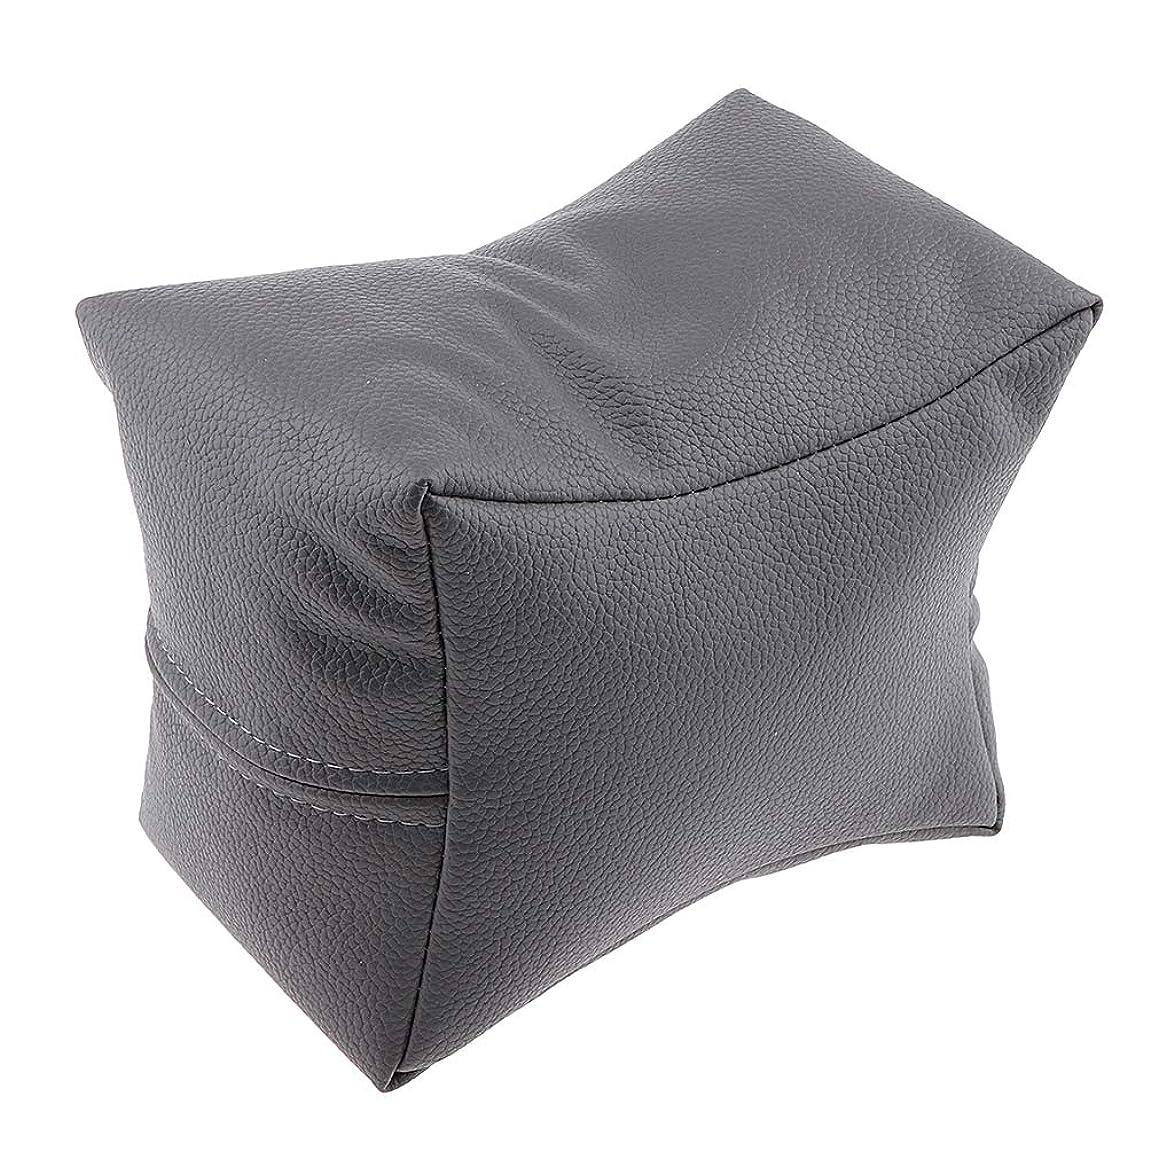 有効ほとんどないエージェントCUTICATE マニキュア ハンドレスト 手枕 ハンドピロー ハンドクッション ソフト 4色選べ - グレー